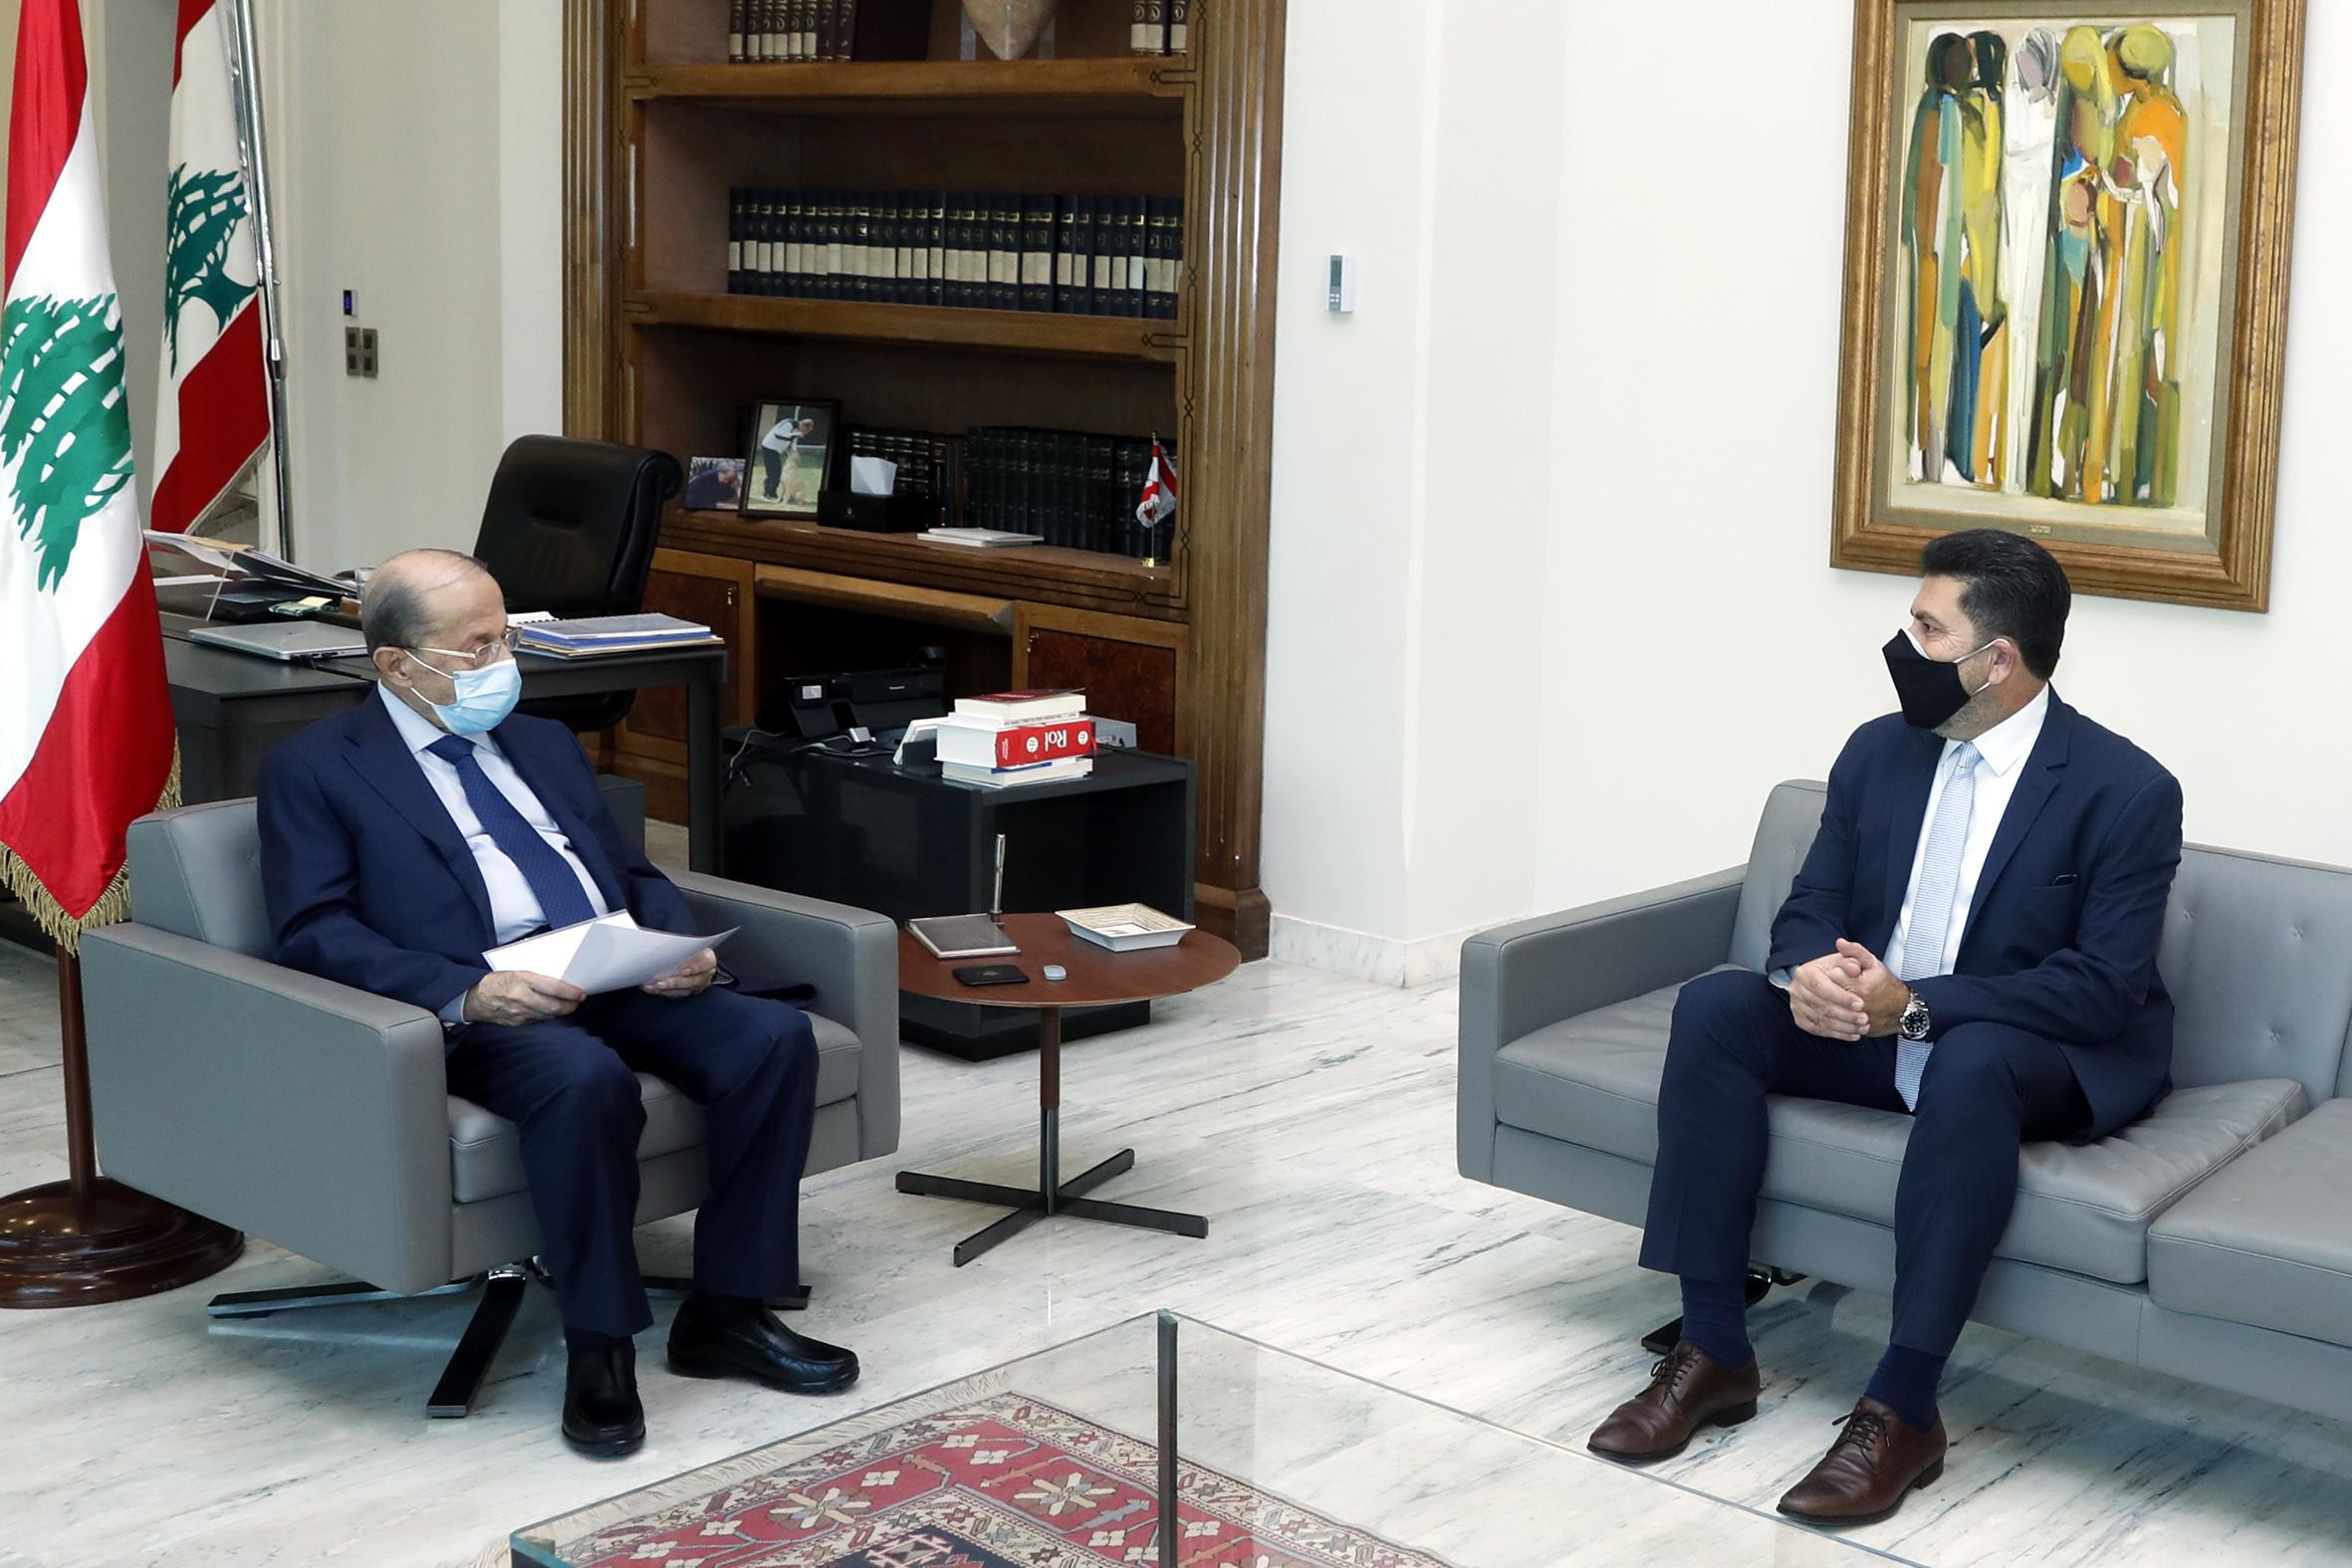 2 - Minister Raymond Ghajar and former Minister Nada Boustan 1i